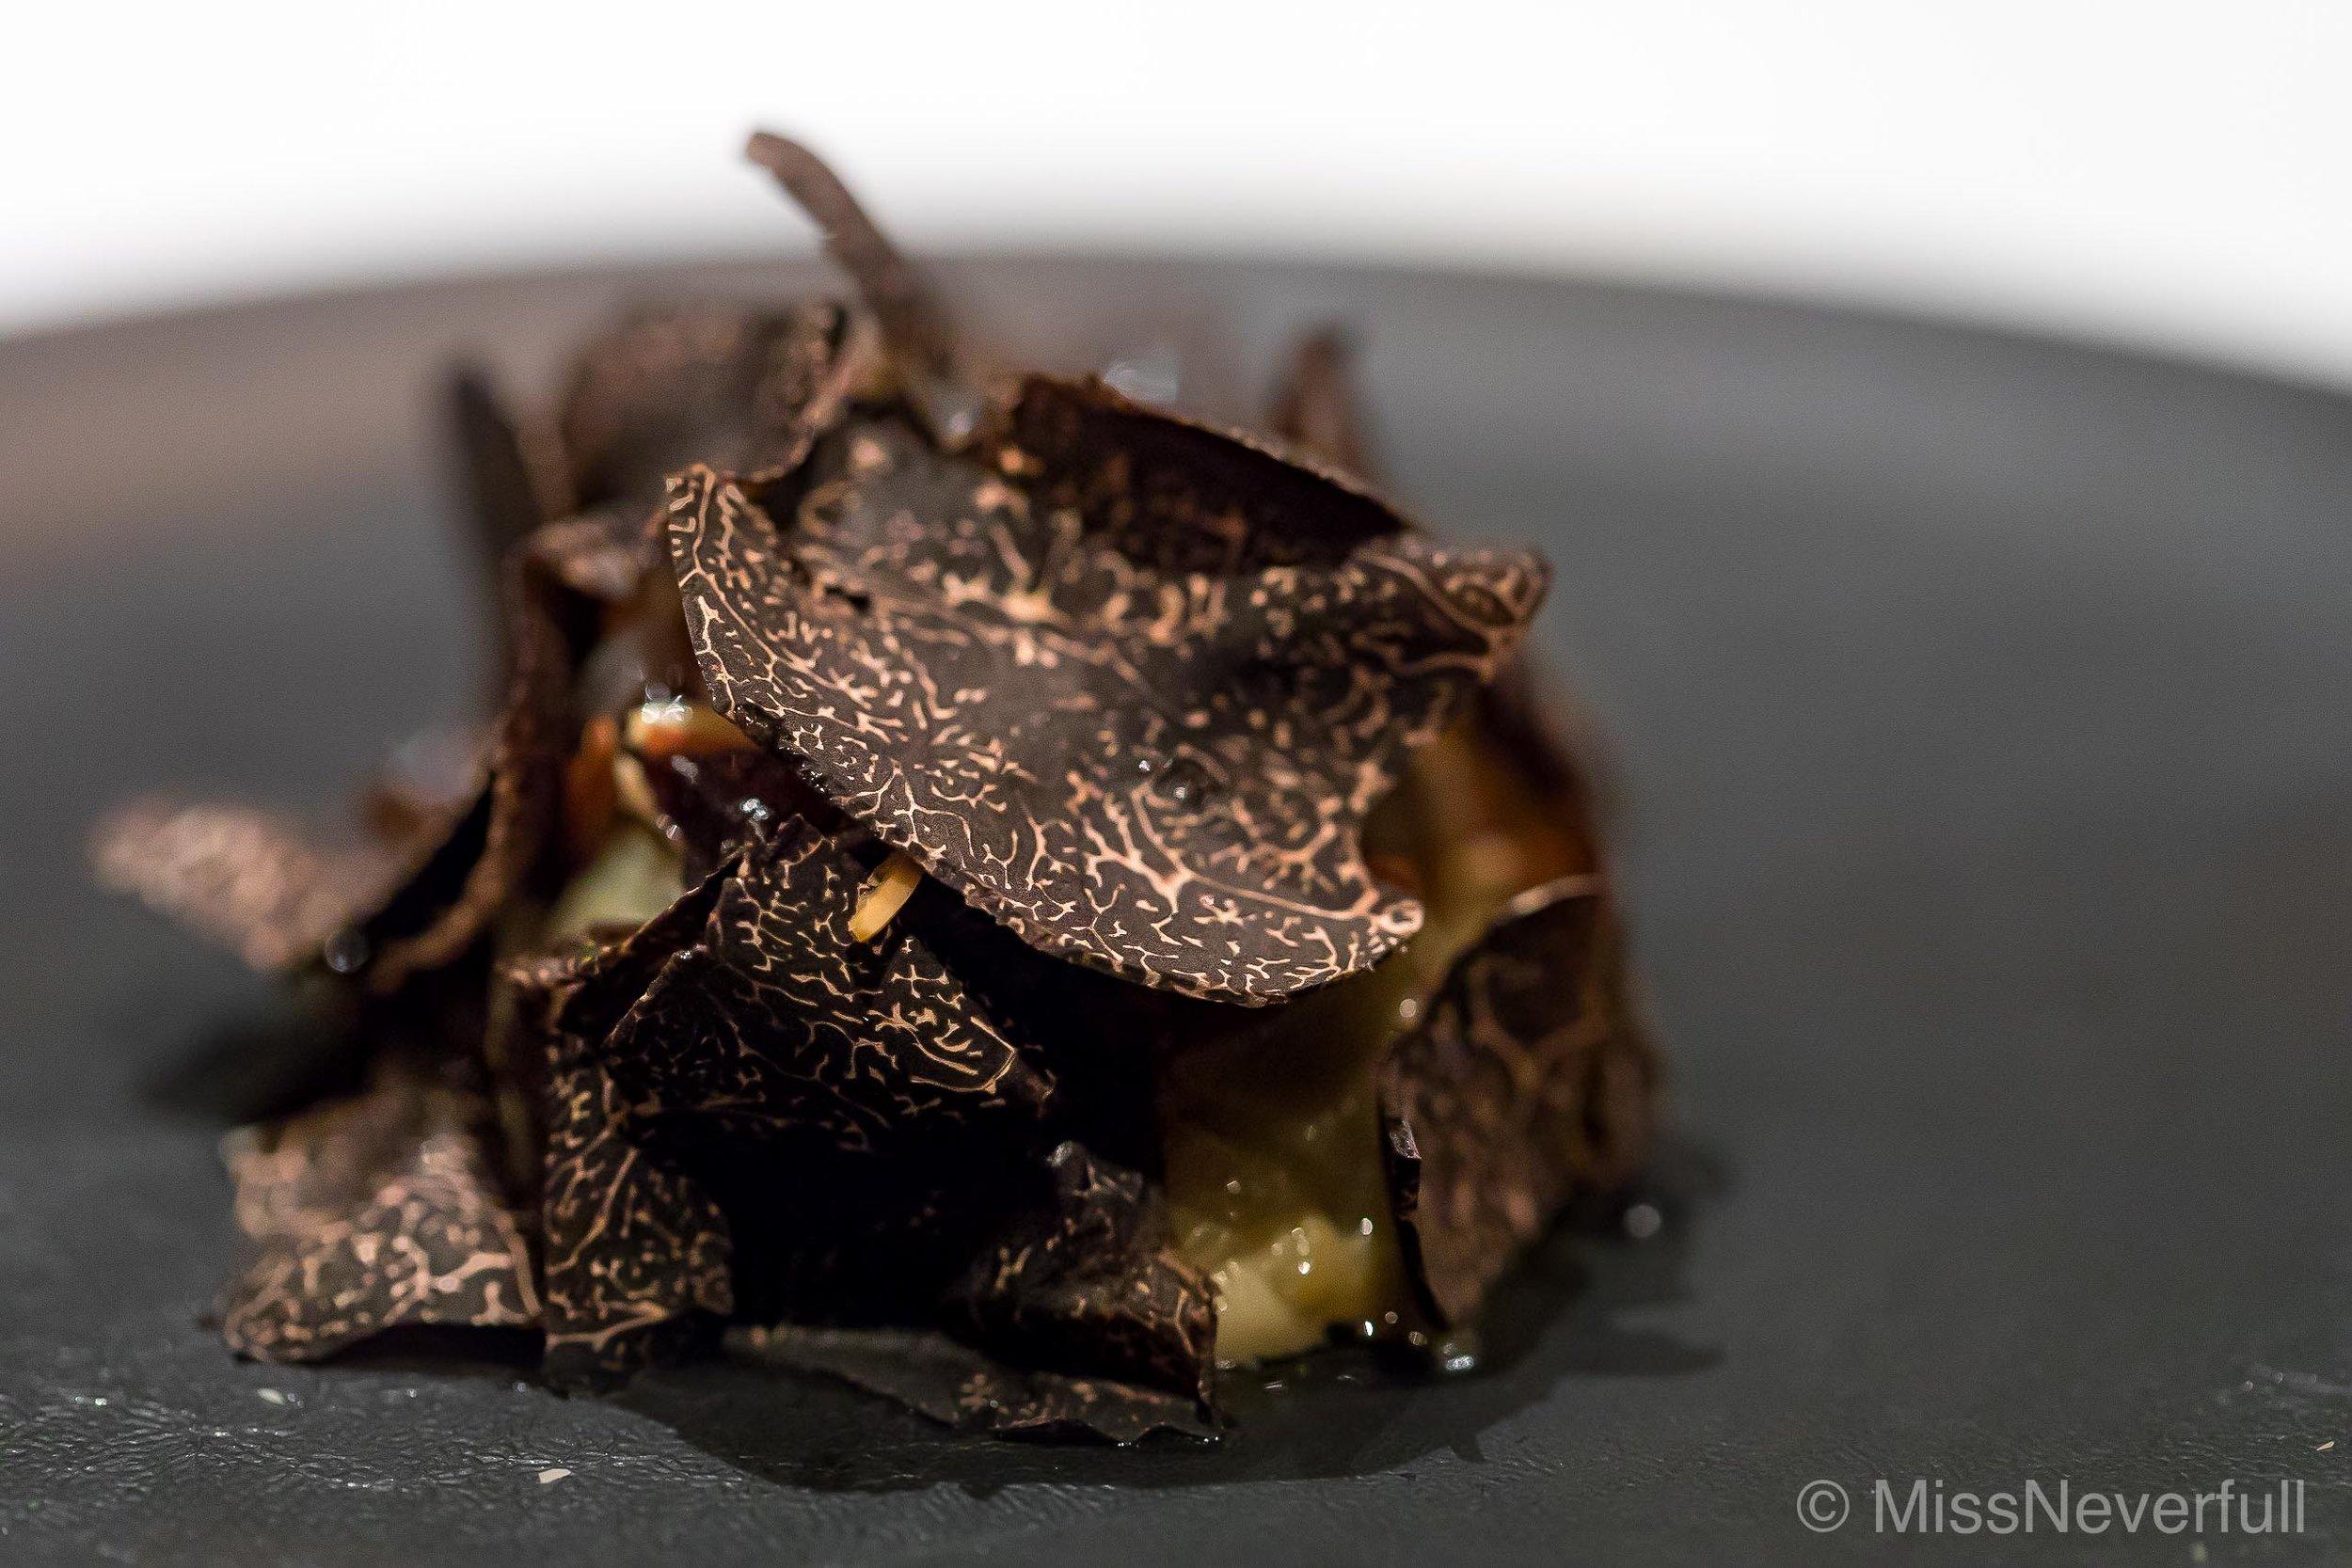 4.Inoshishi (boar) cheek, Inoshishi consomme, kamo-nasu (eggplant), summer truffle / イノシシ頰肉の煮入み 賀茂茄子とサマートリュフ